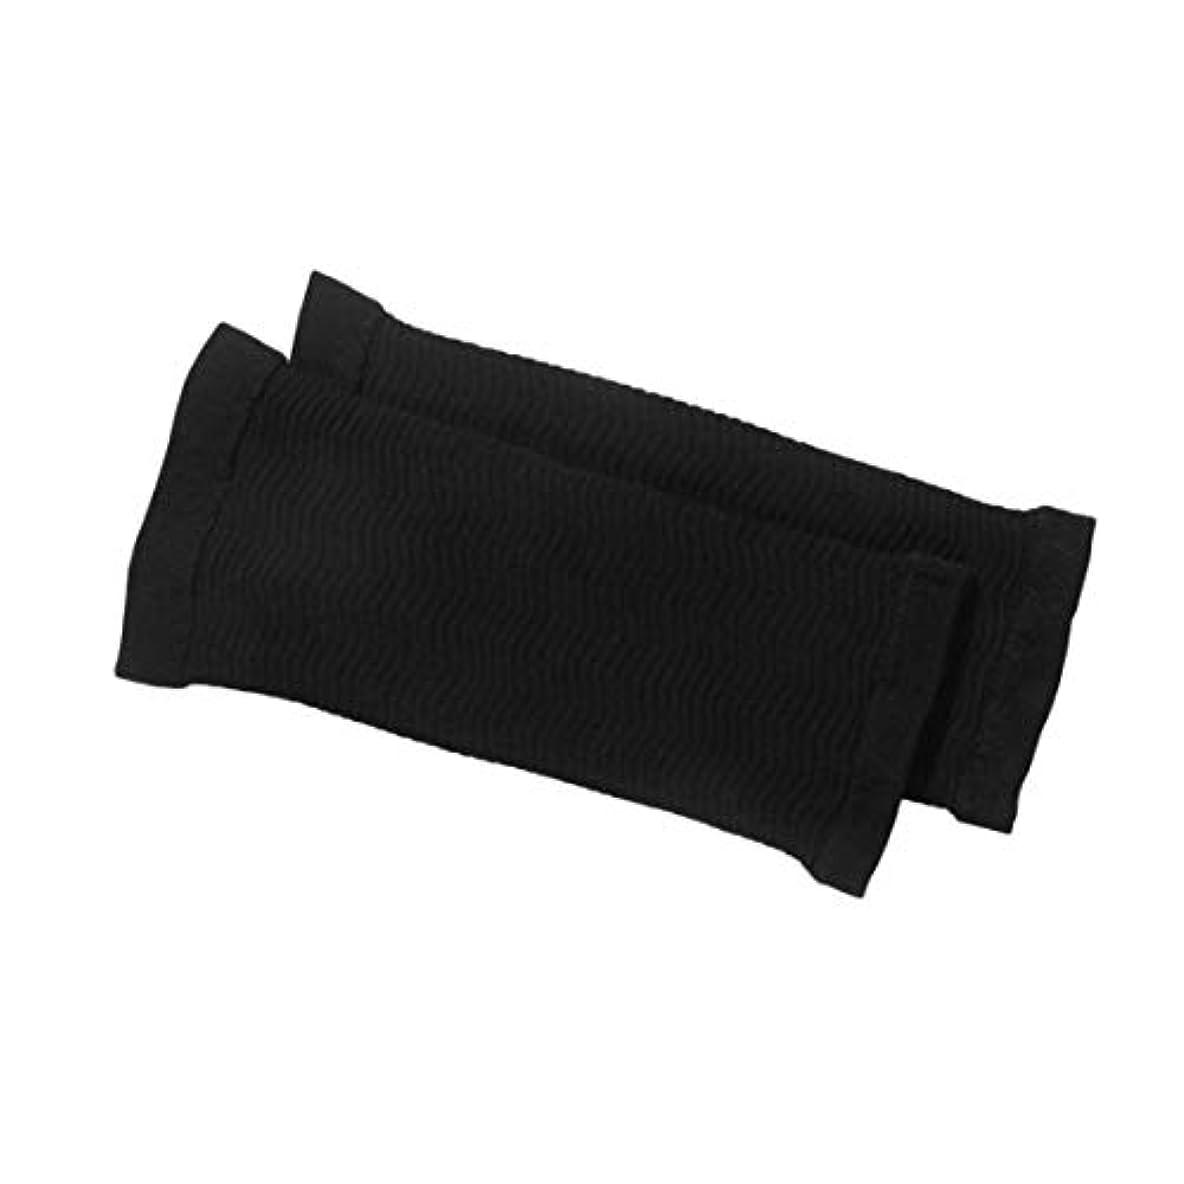 スリット指行き当たりばったり1ペア420 D圧縮痩身アームスリーブワークアウトトーニングバーンセルライトシェイパー脂肪燃焼袖用女性 - 黒